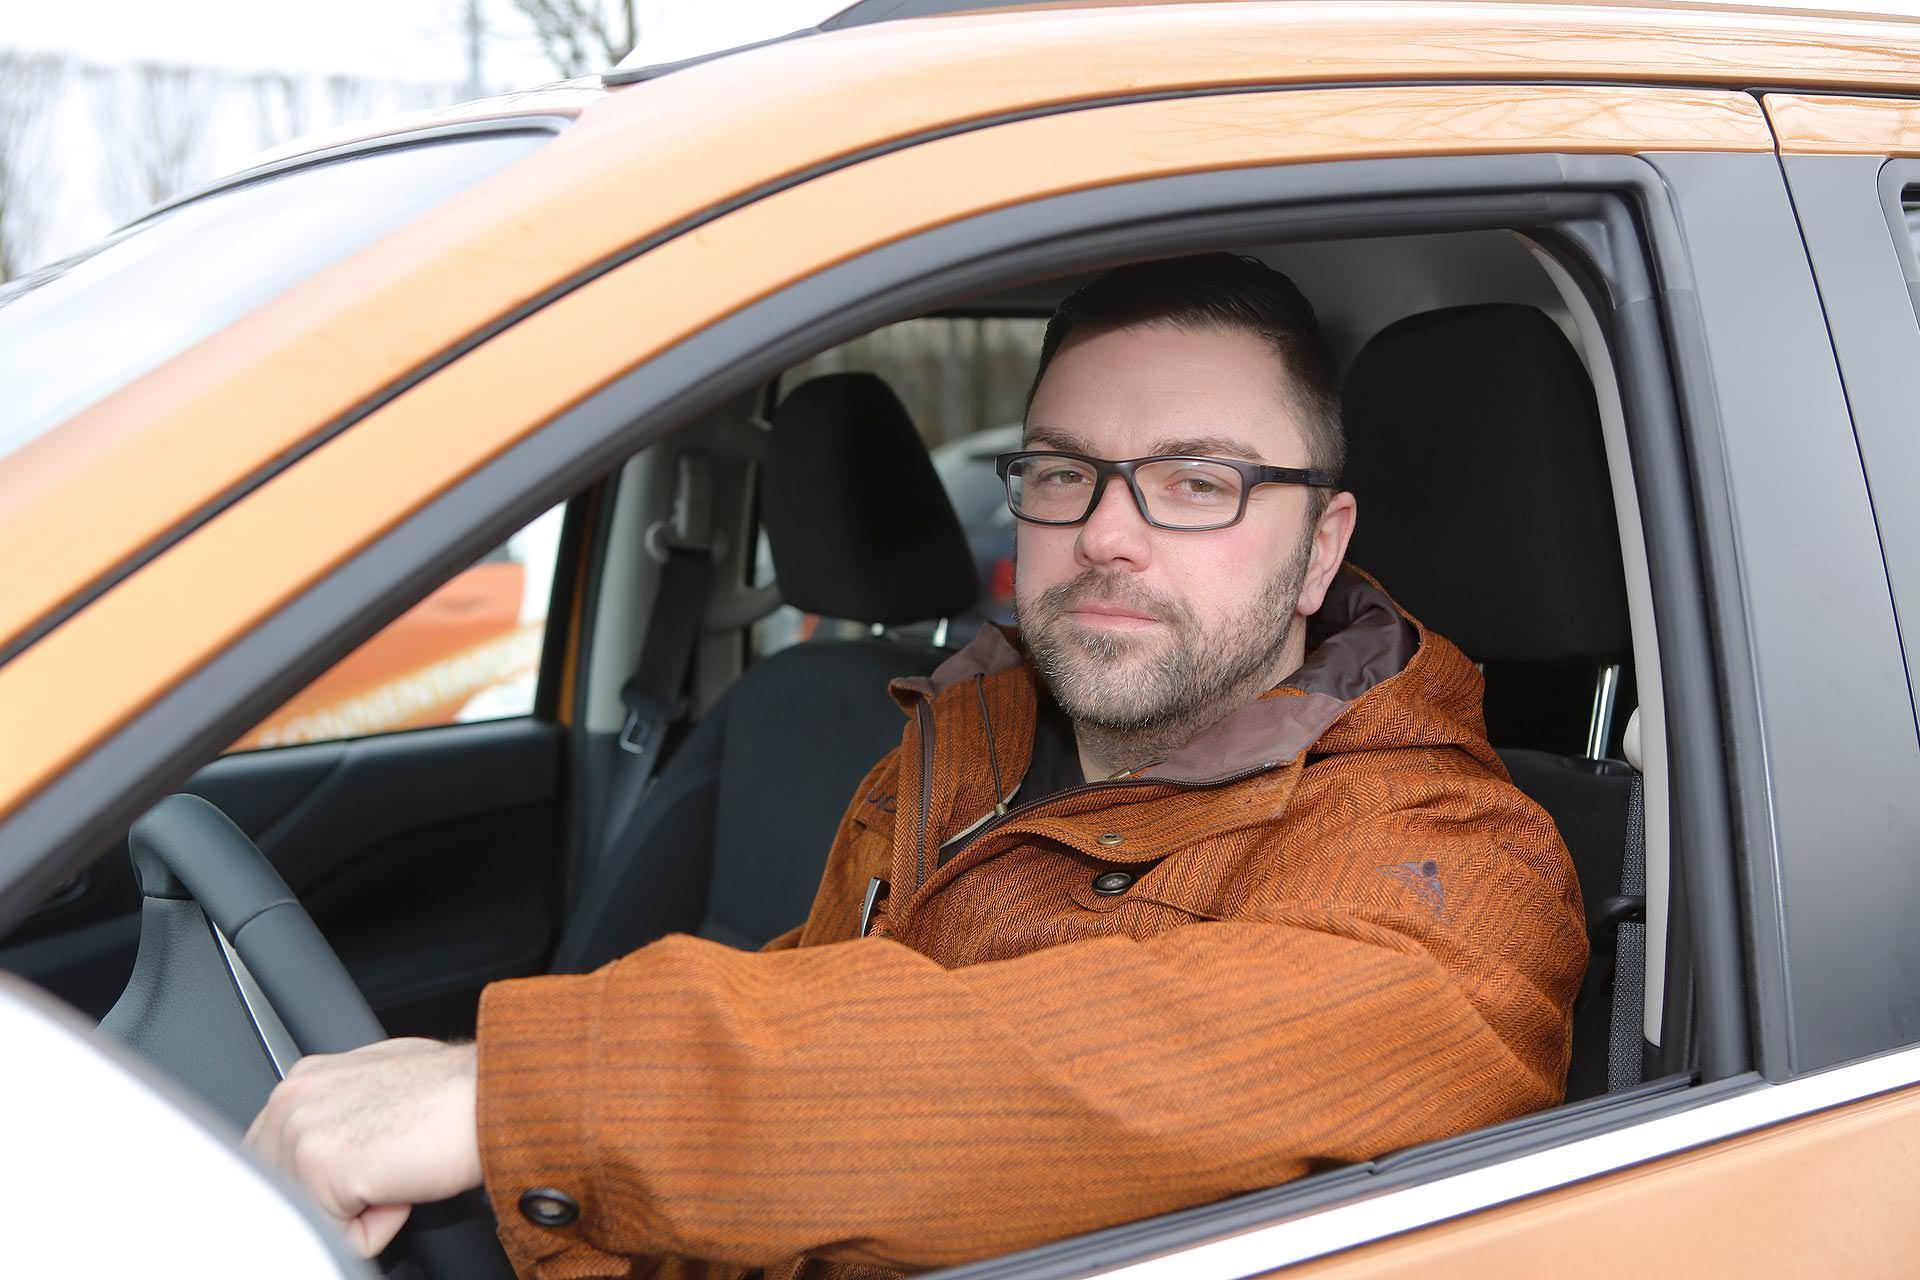 Björn Lindner nerven am Pendeln vor allem die anderen Autofahrer, von denen einige sehr aggressiv fahren.